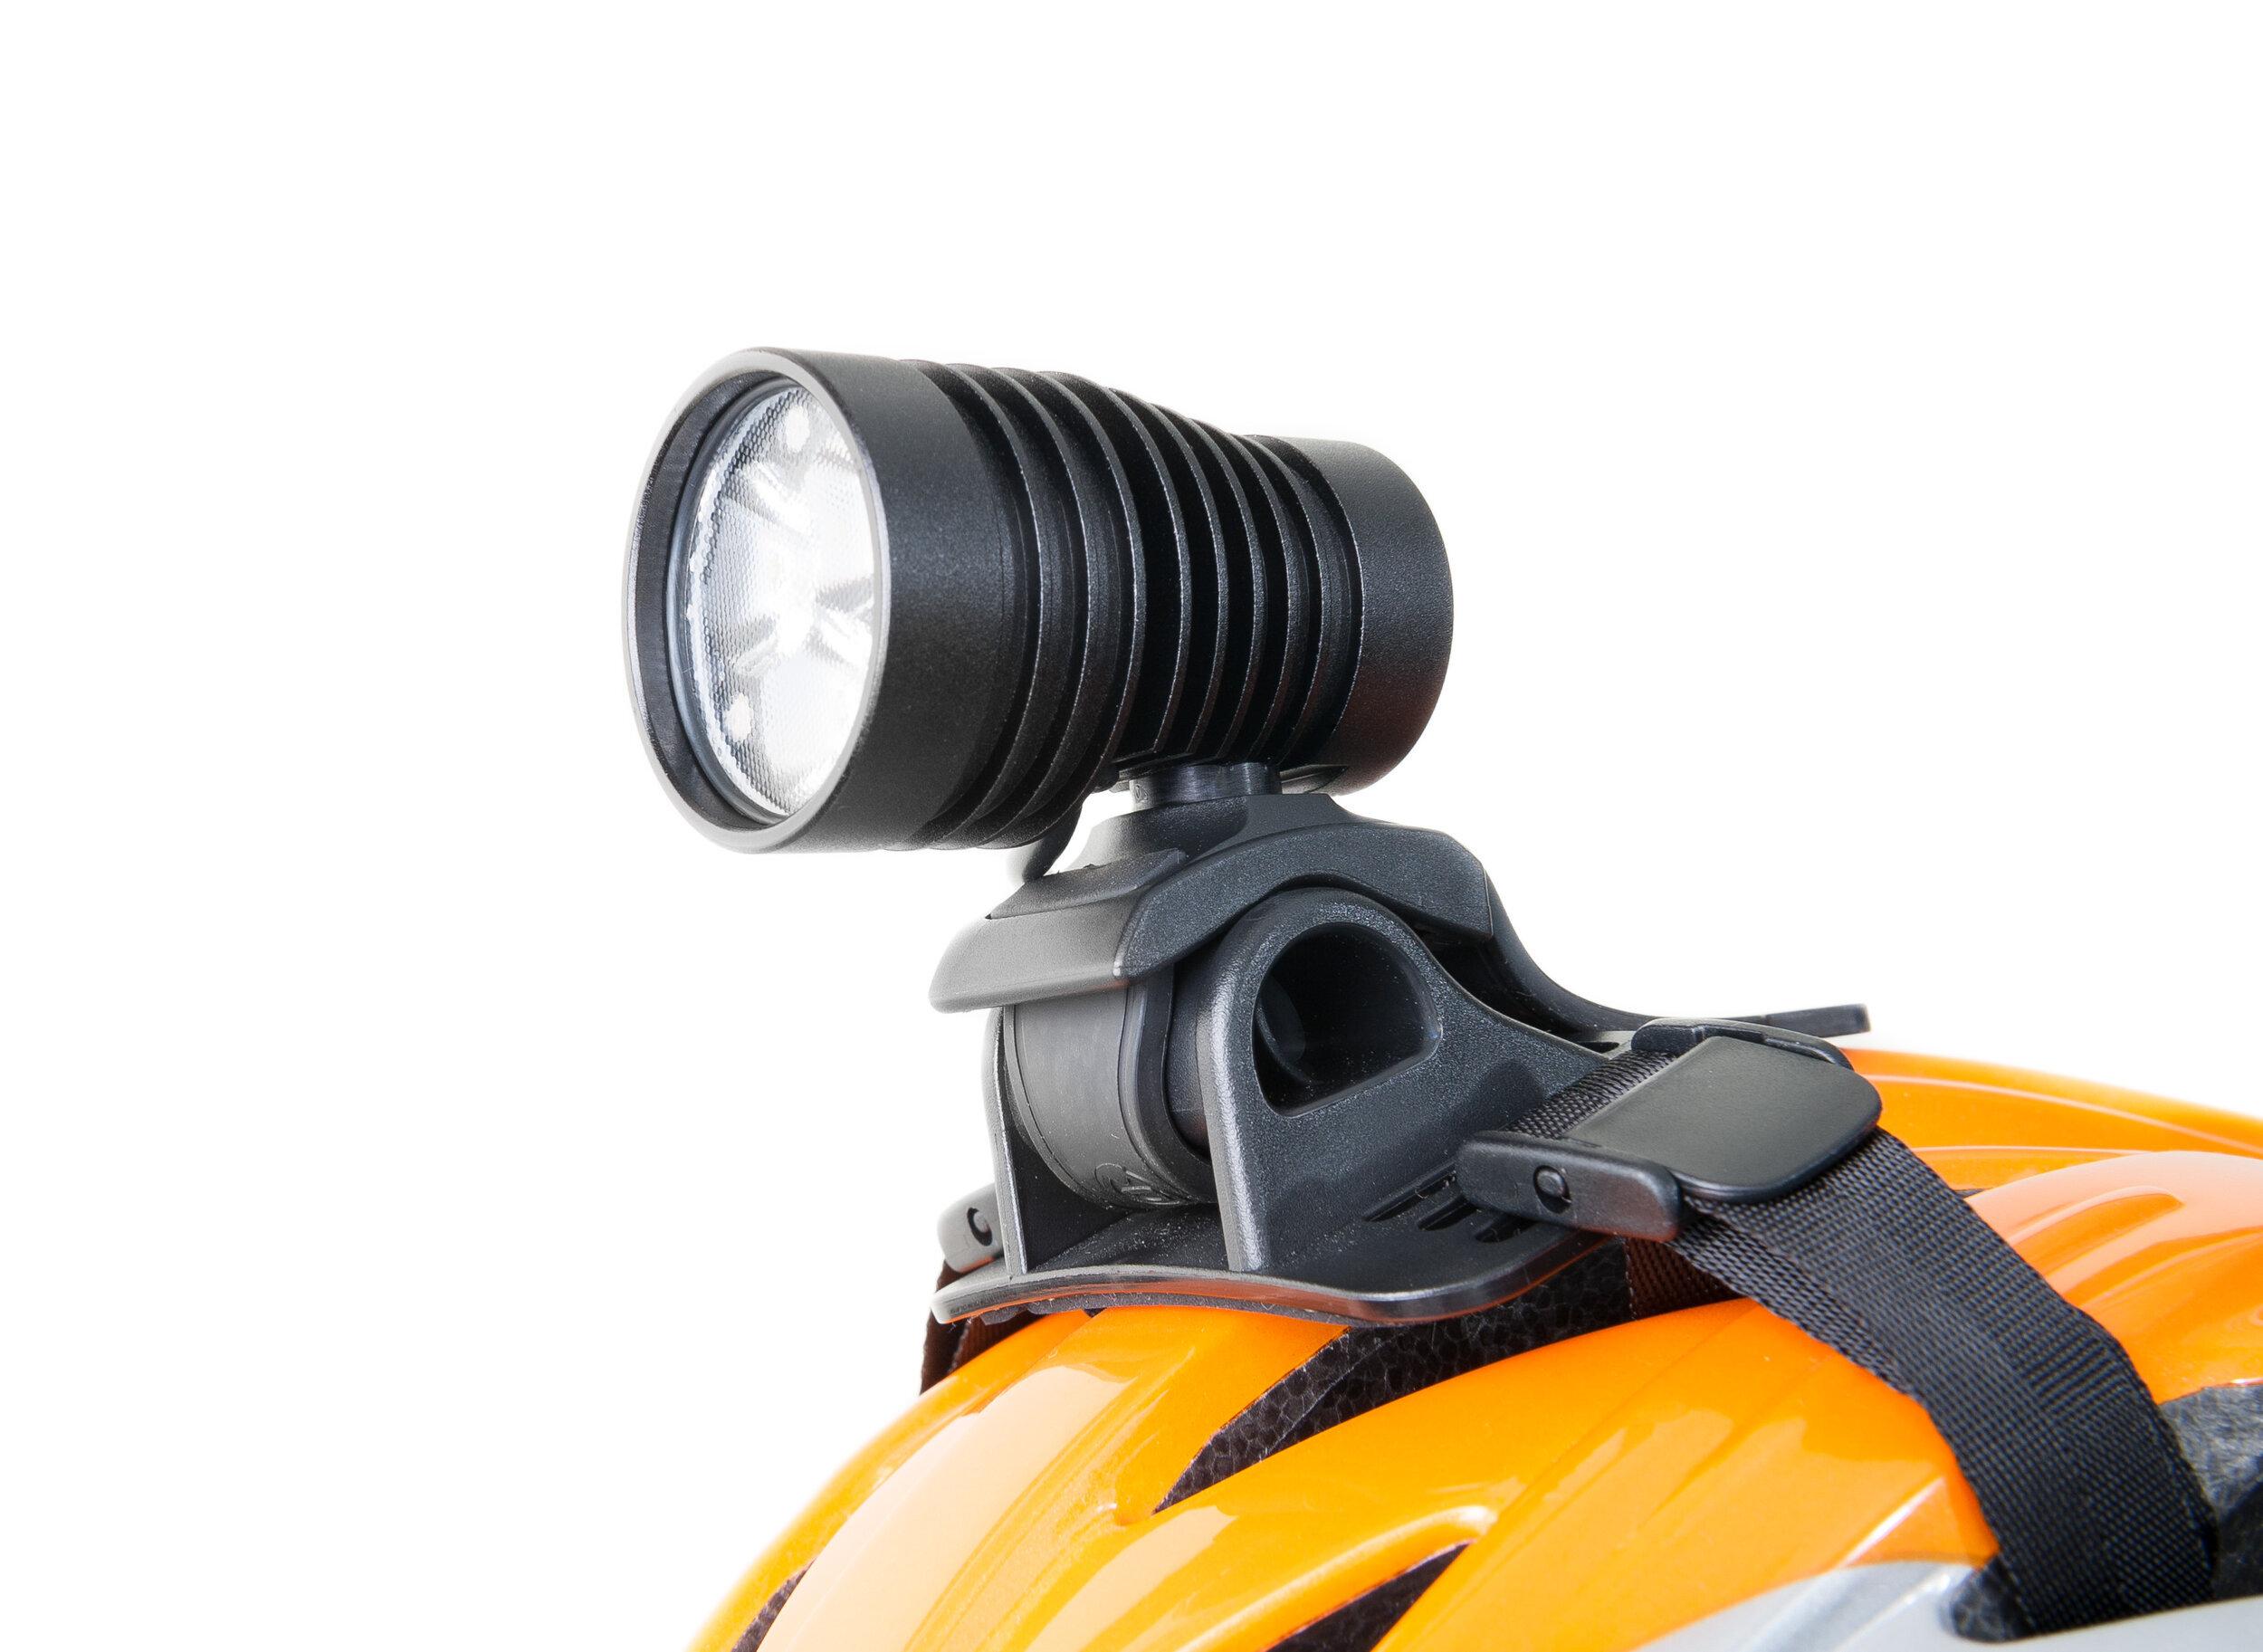 Still-Life-08-Commercial-Product-DiNotte-Lighting-Bike-Light-Helmet.jpg